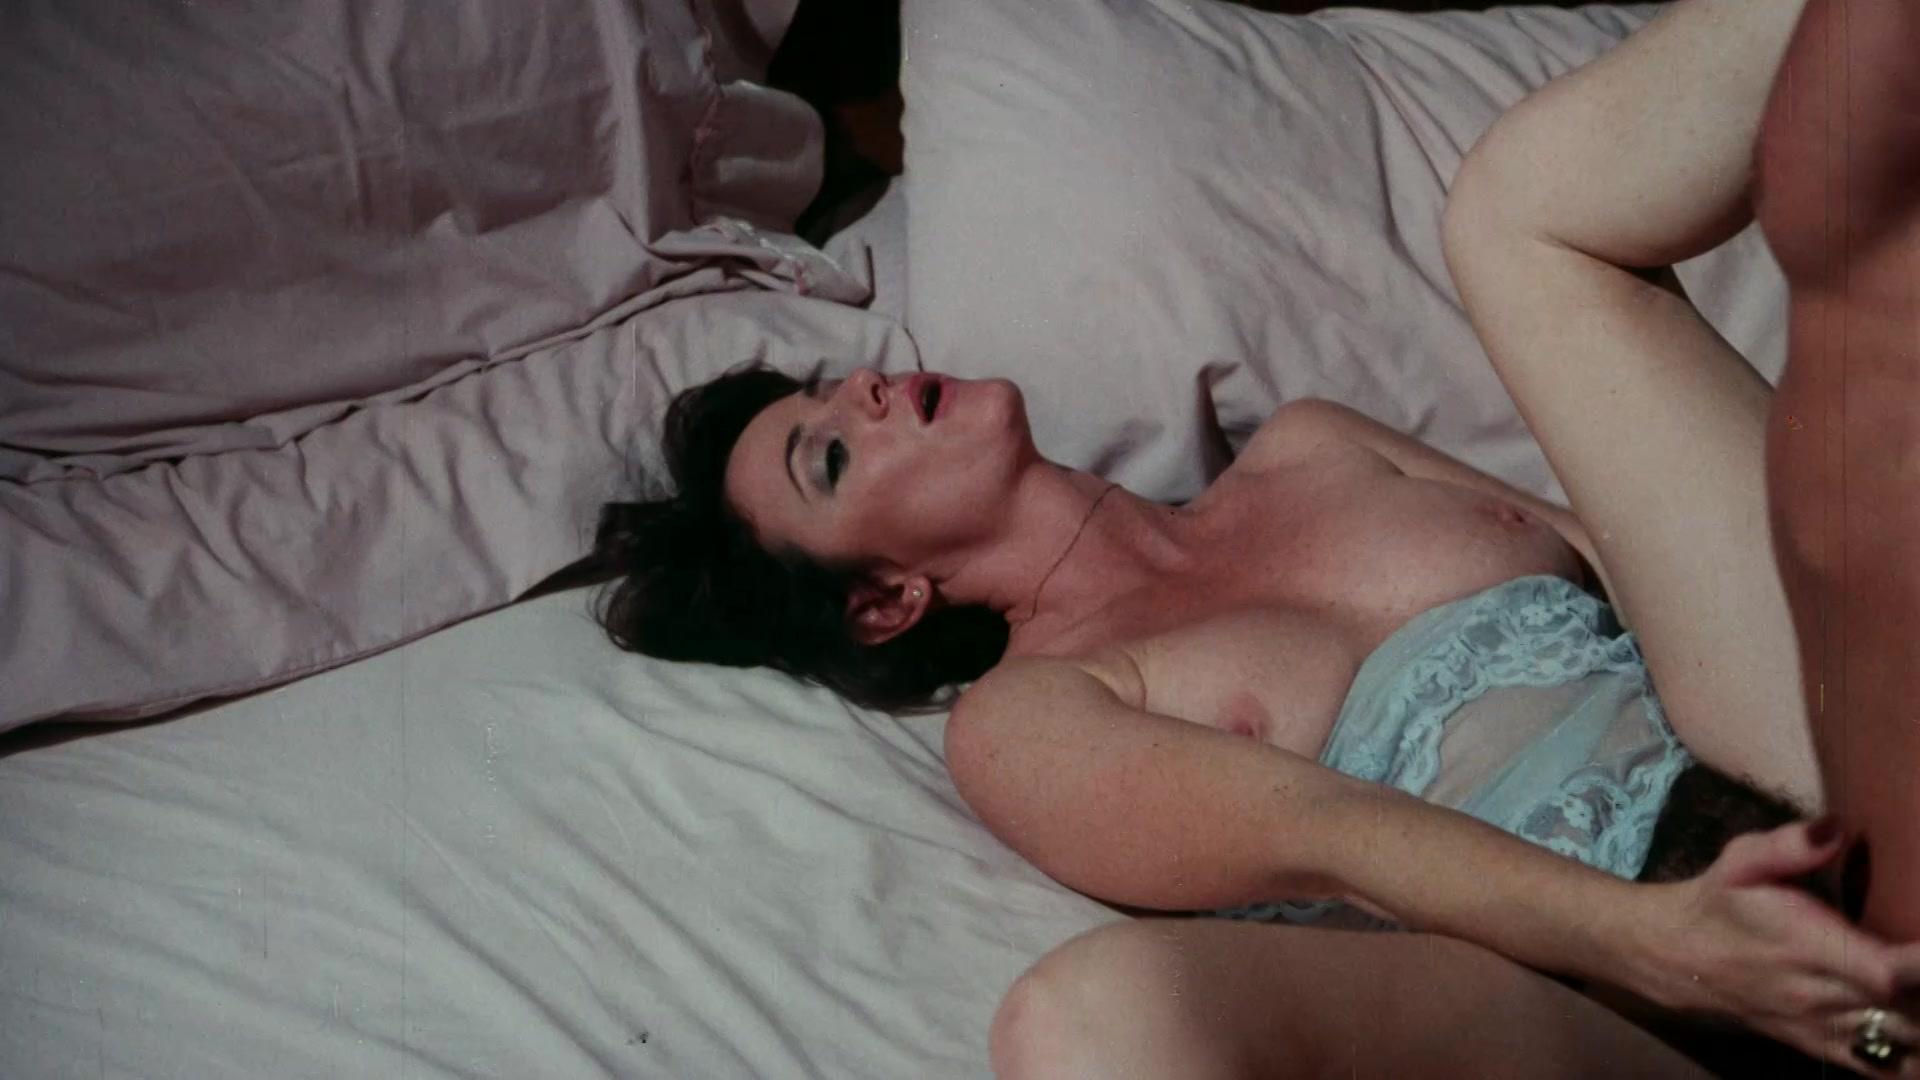 free-tabbo-sex-sex-videos